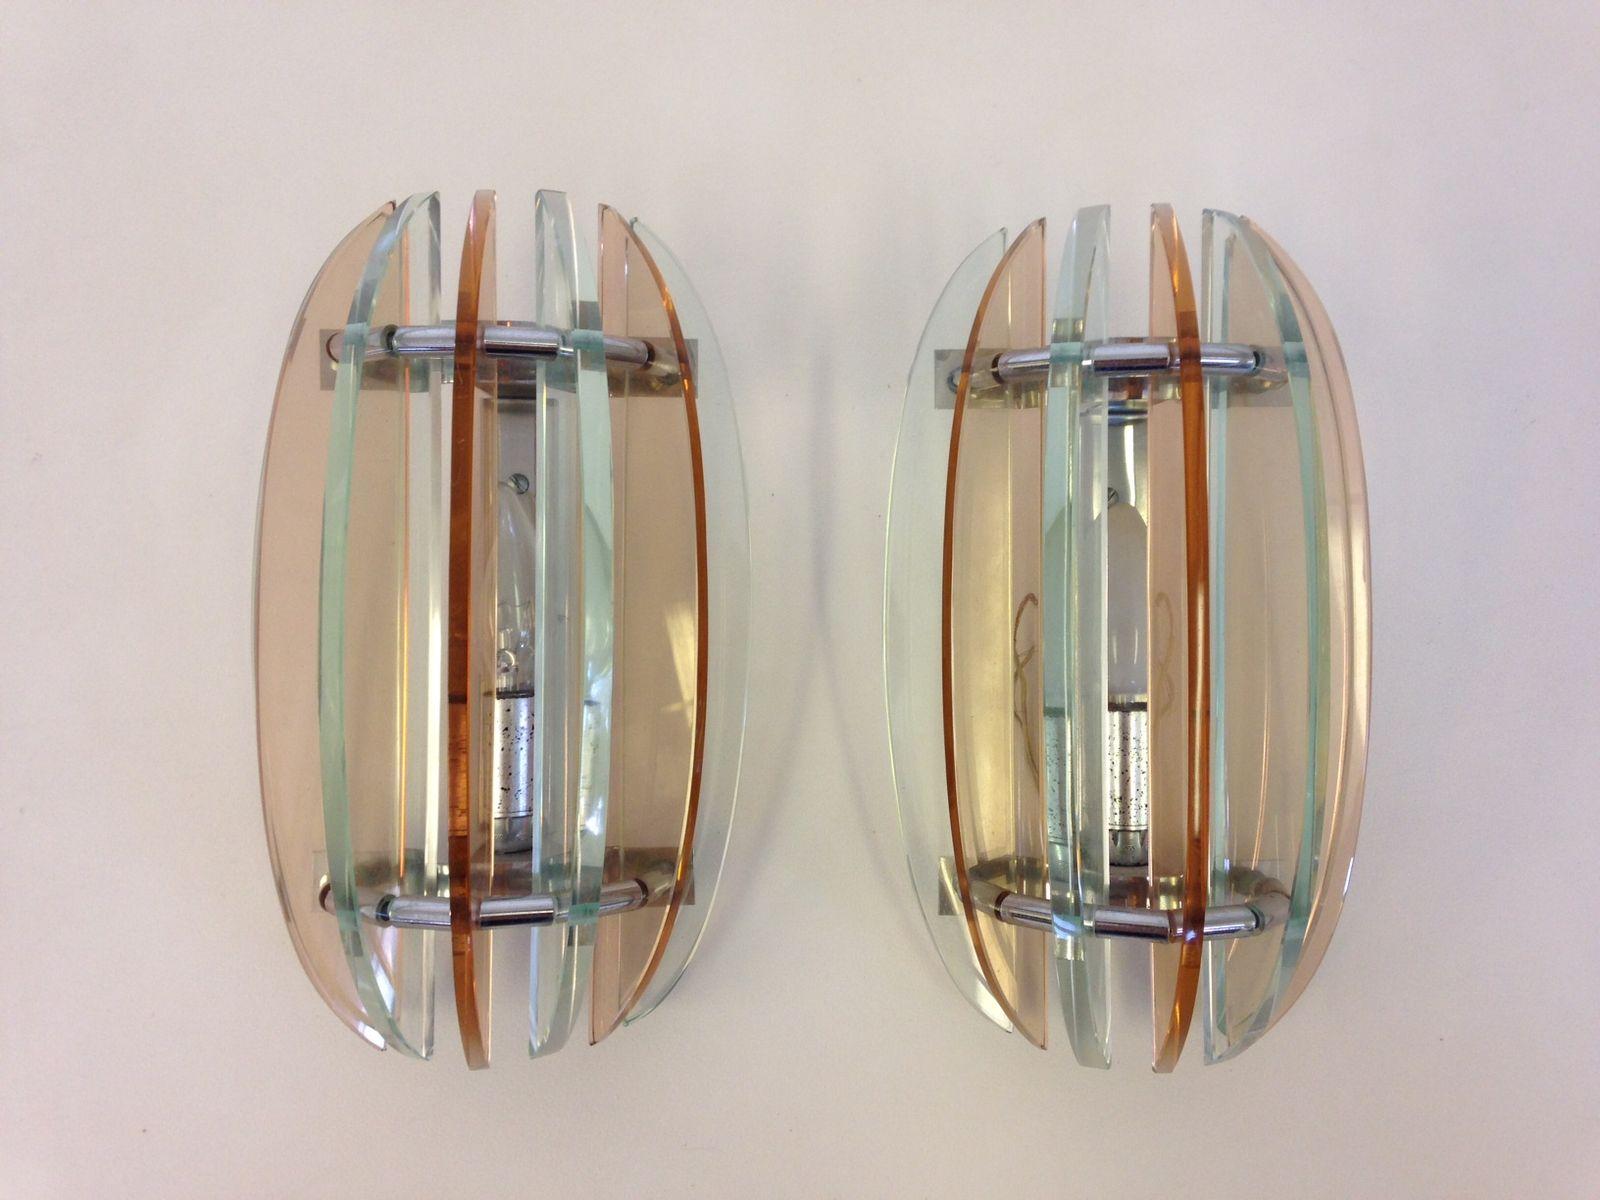 Retro Glass Wall Lights : Vintage Glass Wall Lights, Set of 2 for sale at Pamono